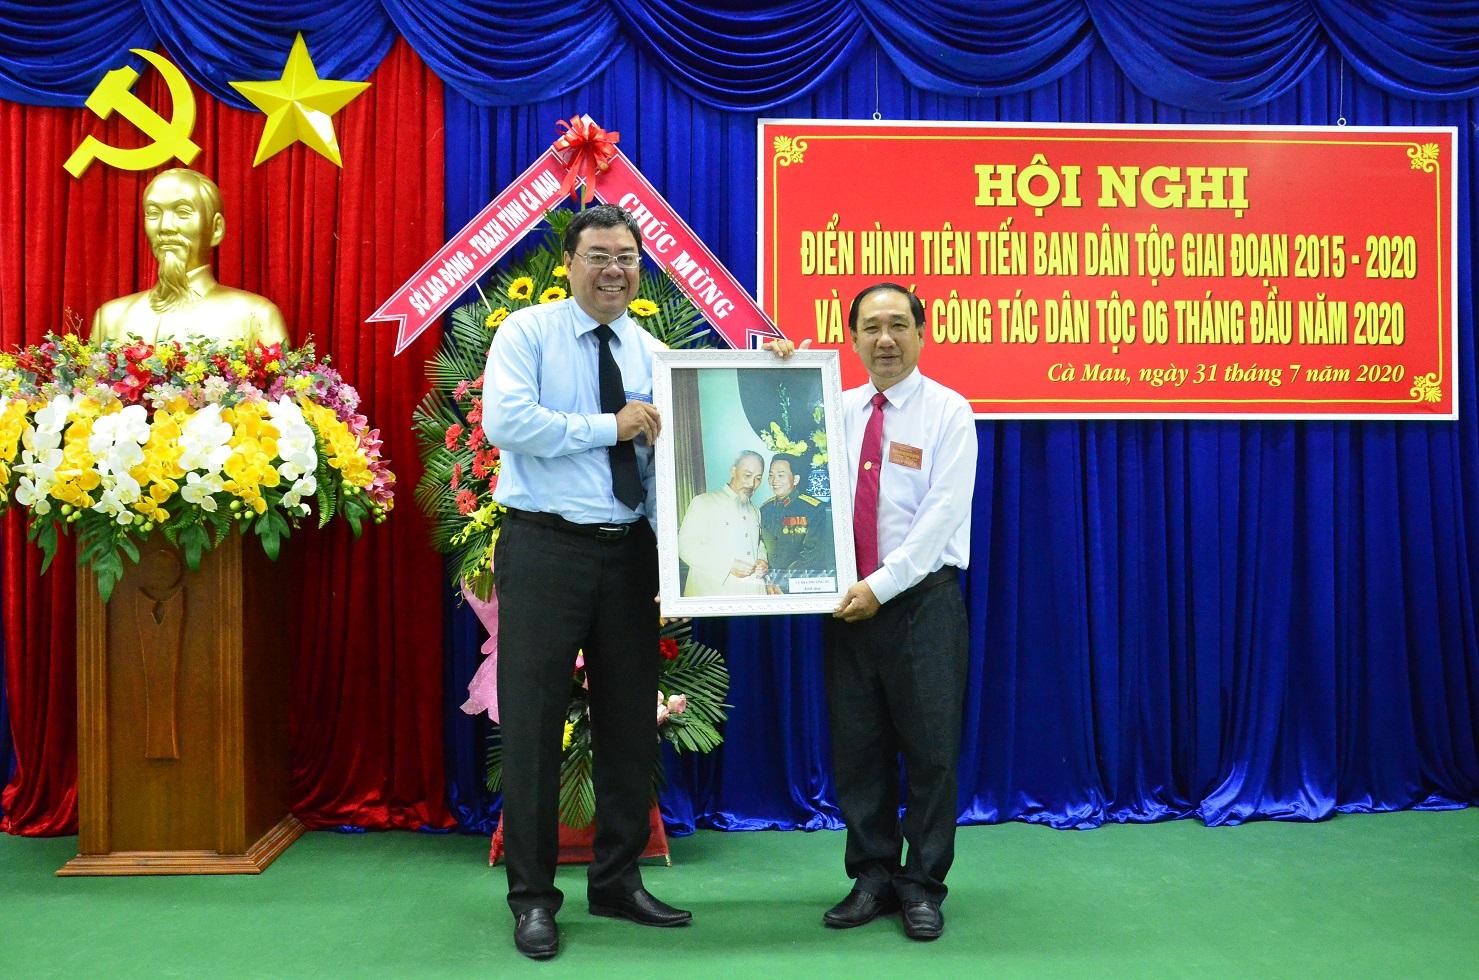 Ông Tào Việt Thắng, Phó Vụ trưởng Vụ Địa phương III (bên trái) trao quà và chúc mừng Ban Dân tộc tỉnh Cà Mau